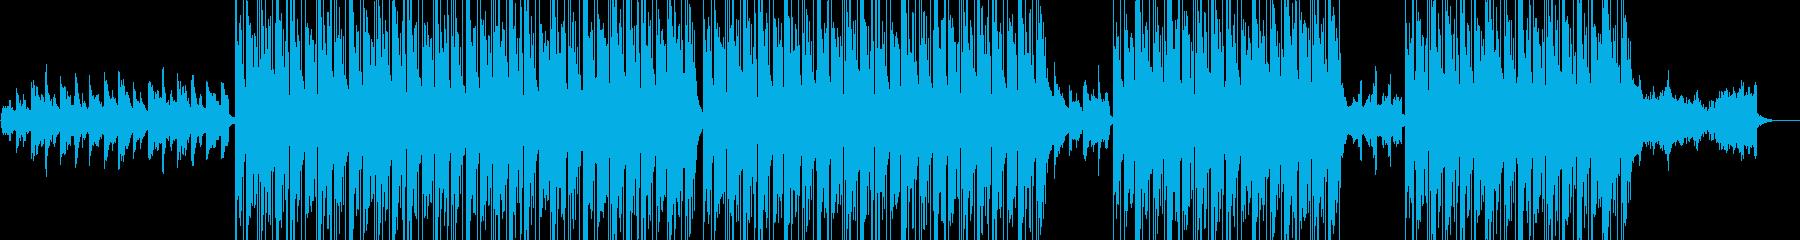 不思議な雰囲気のTrapの再生済みの波形